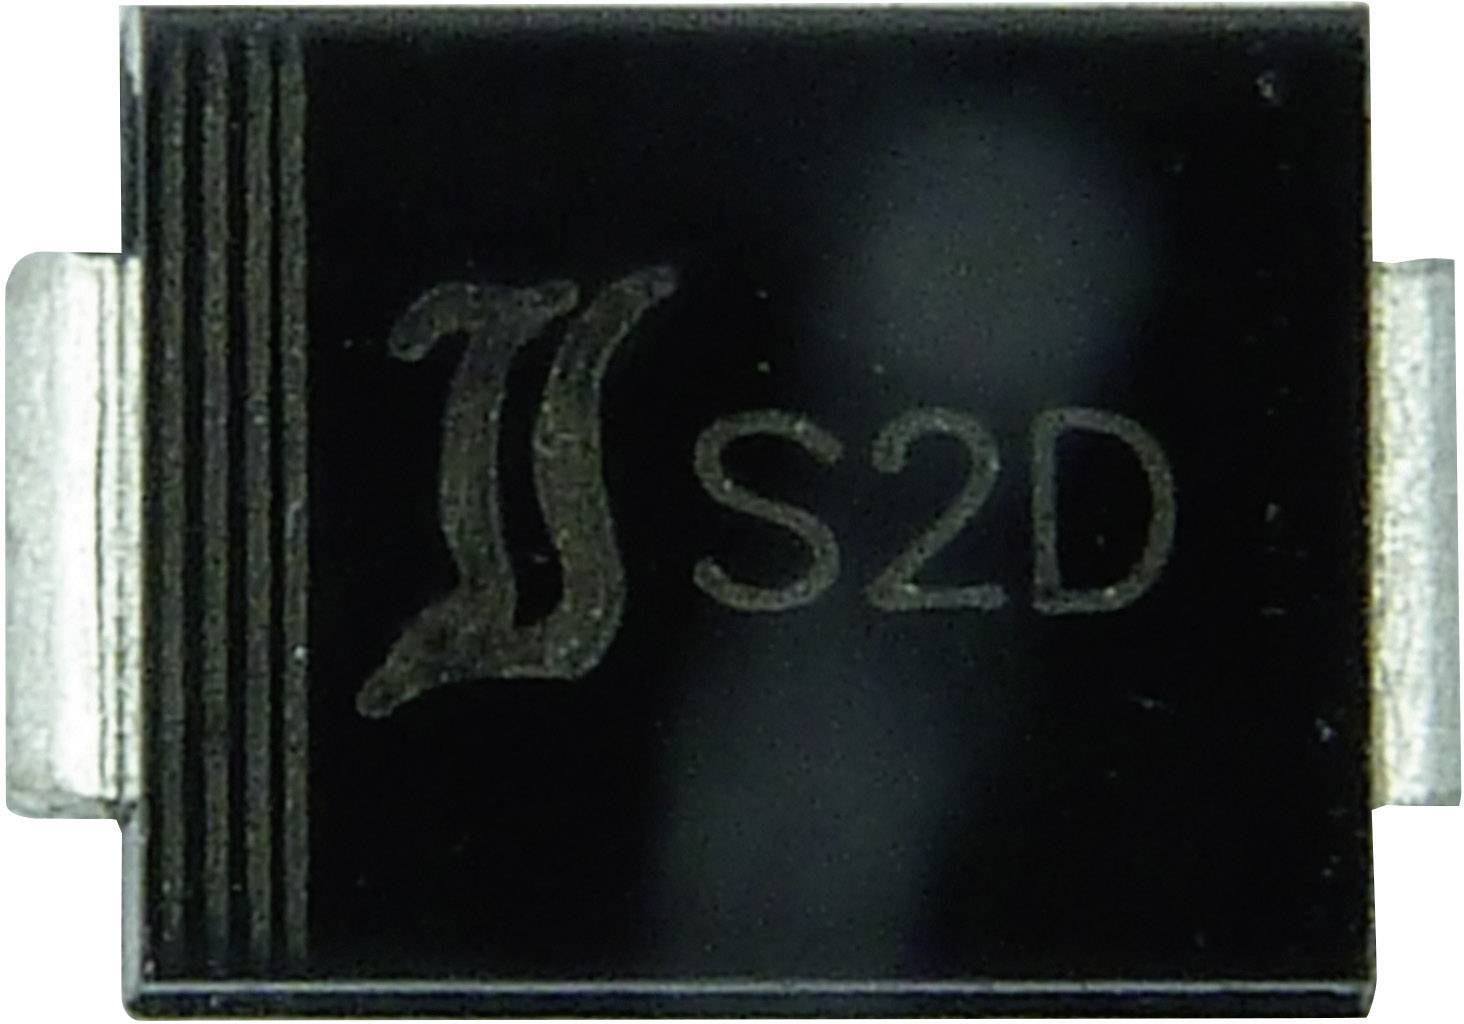 Zenerova dioda Diotec Z2SMB75, U(zen) 75 V